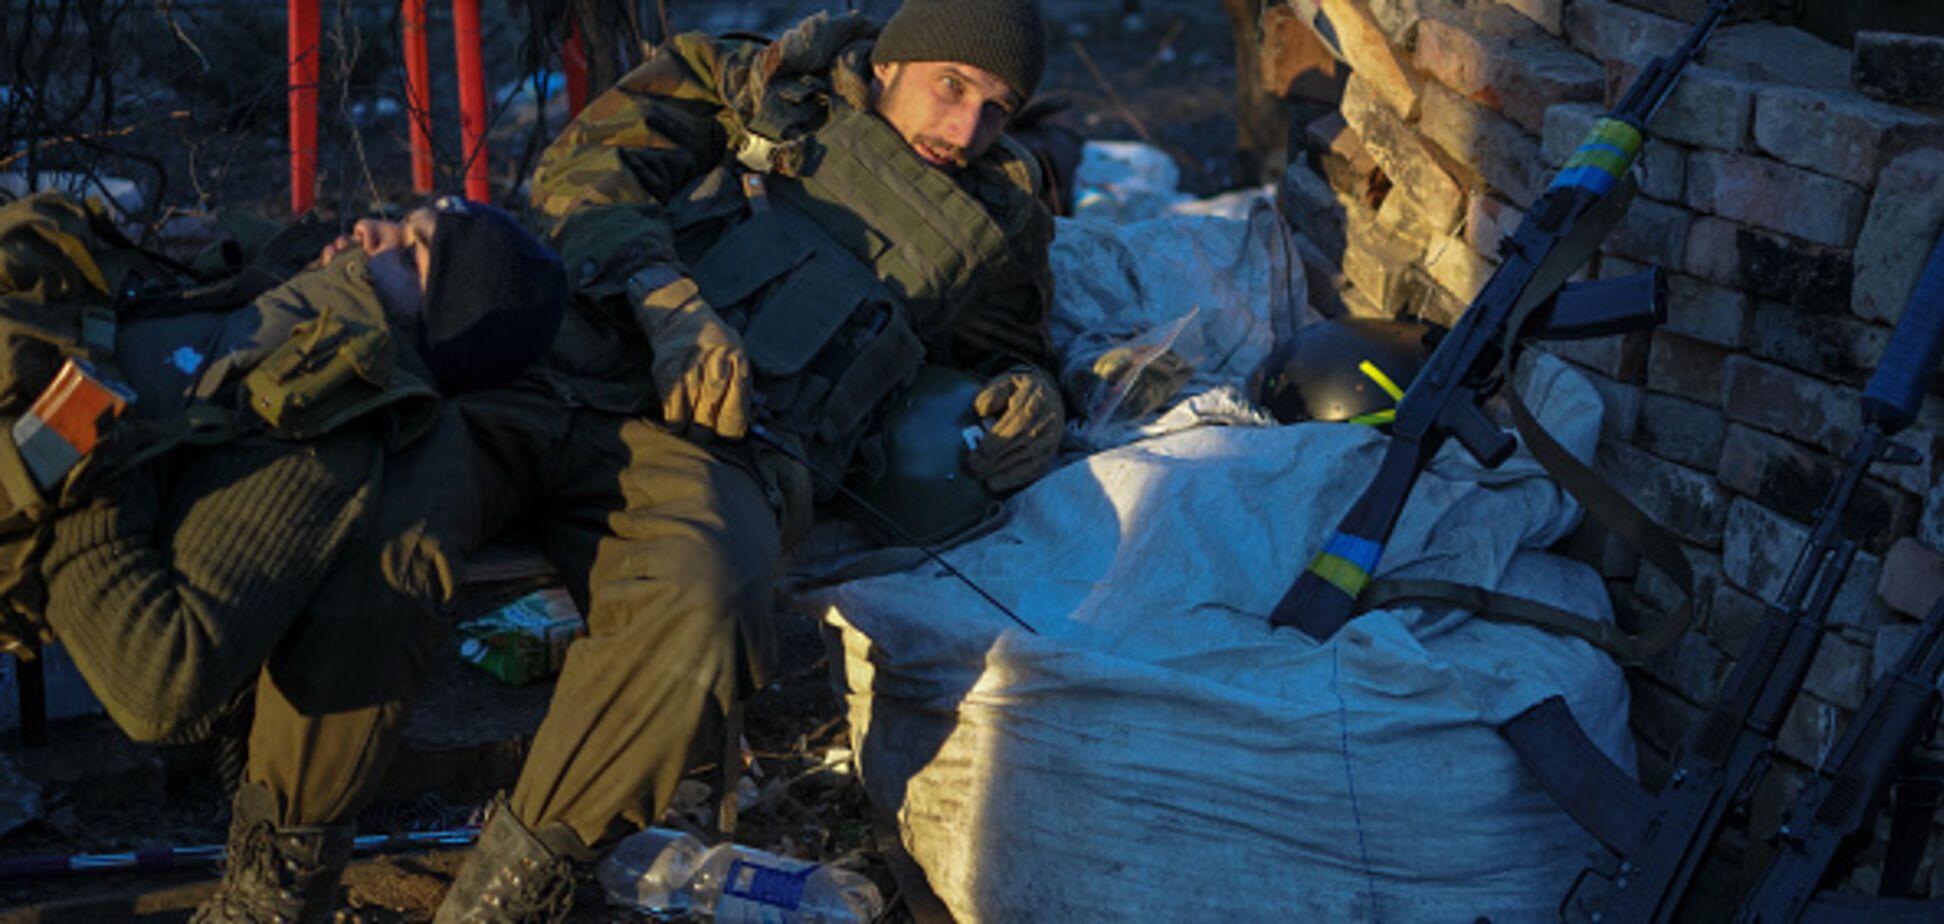 'Мощнейшееогневоевлияние': штаб АТО сообщил о тяжелых боях на Донбассе